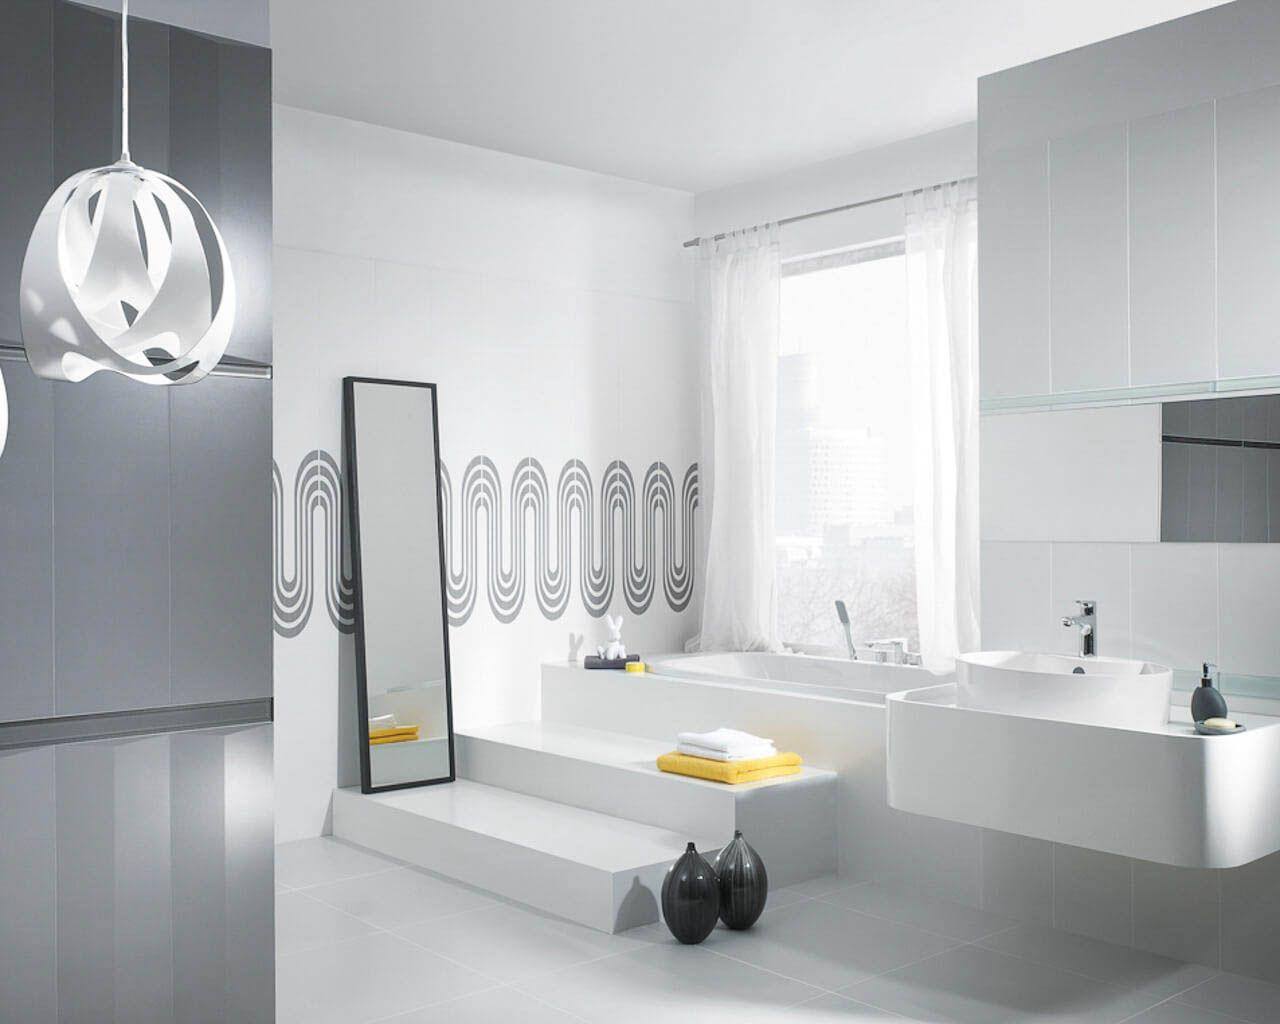 Przestronna Biało Szara łazienka Z Geometrycznym Wzorem Ceramika